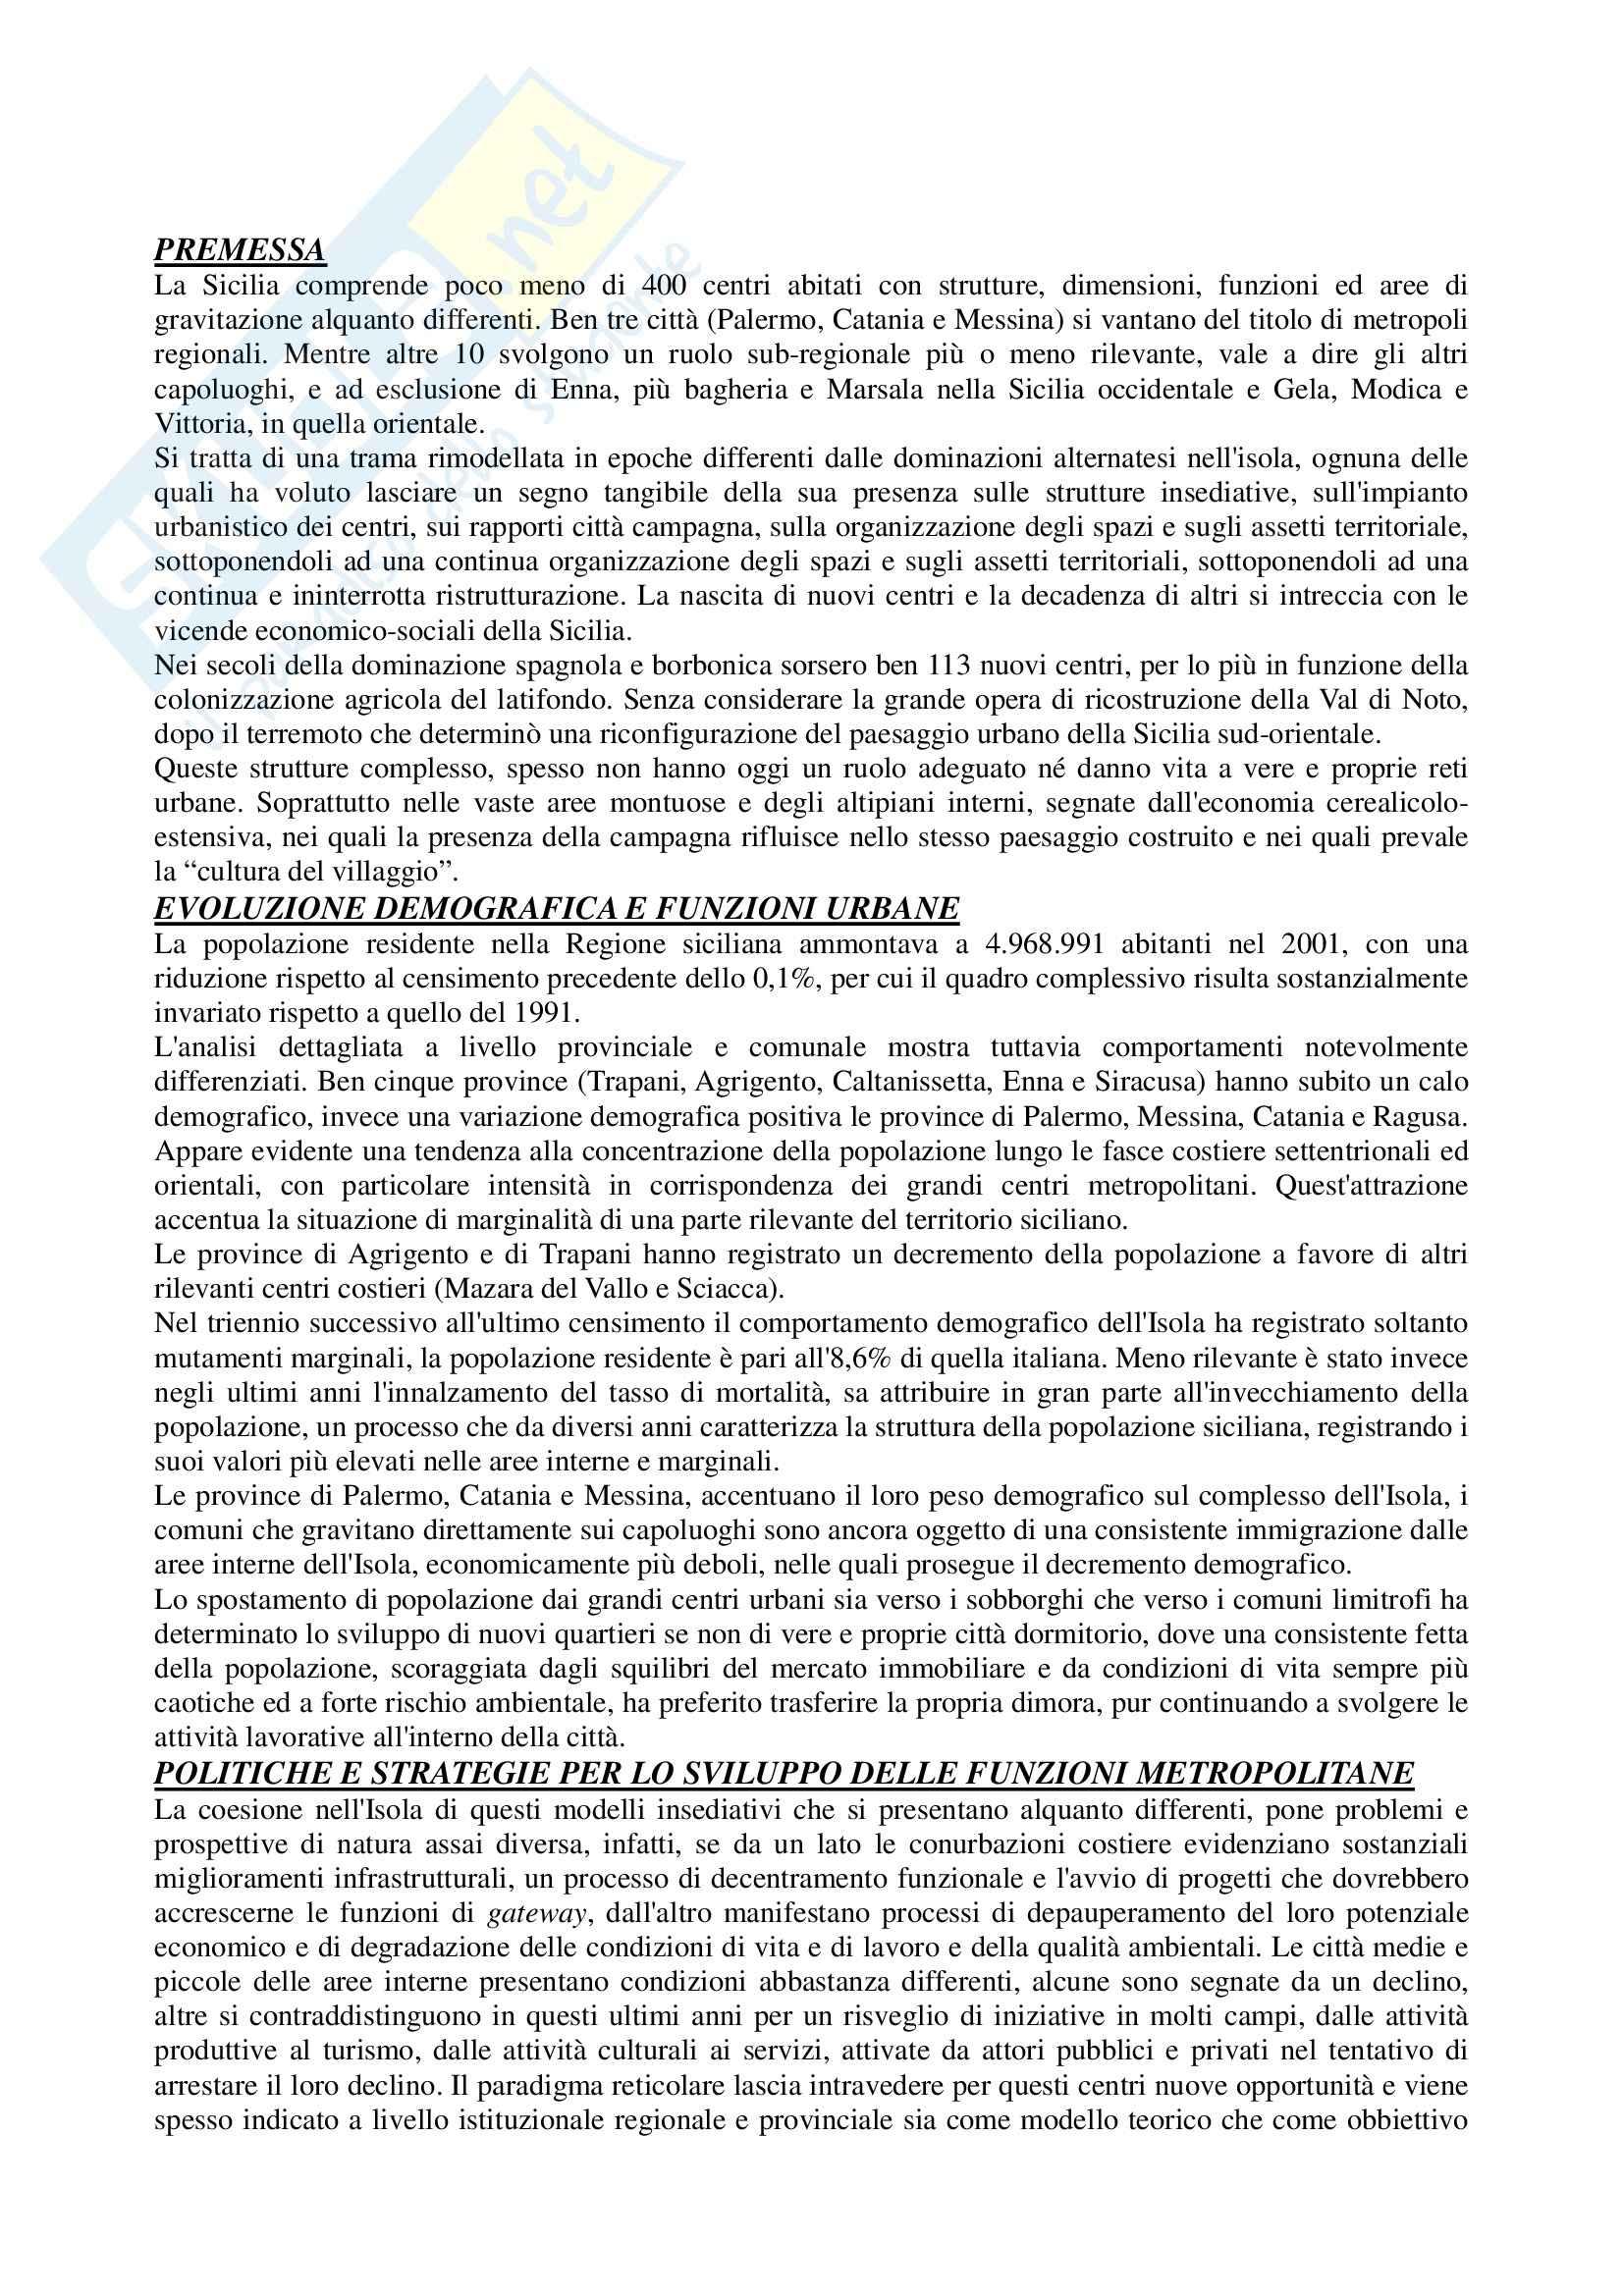 Riassunto esame Geografia economica, prof. Scrofani, libro consigliato Sistemi urbani, reti logistiche e distretti turistici in Sicilia, Ruggero